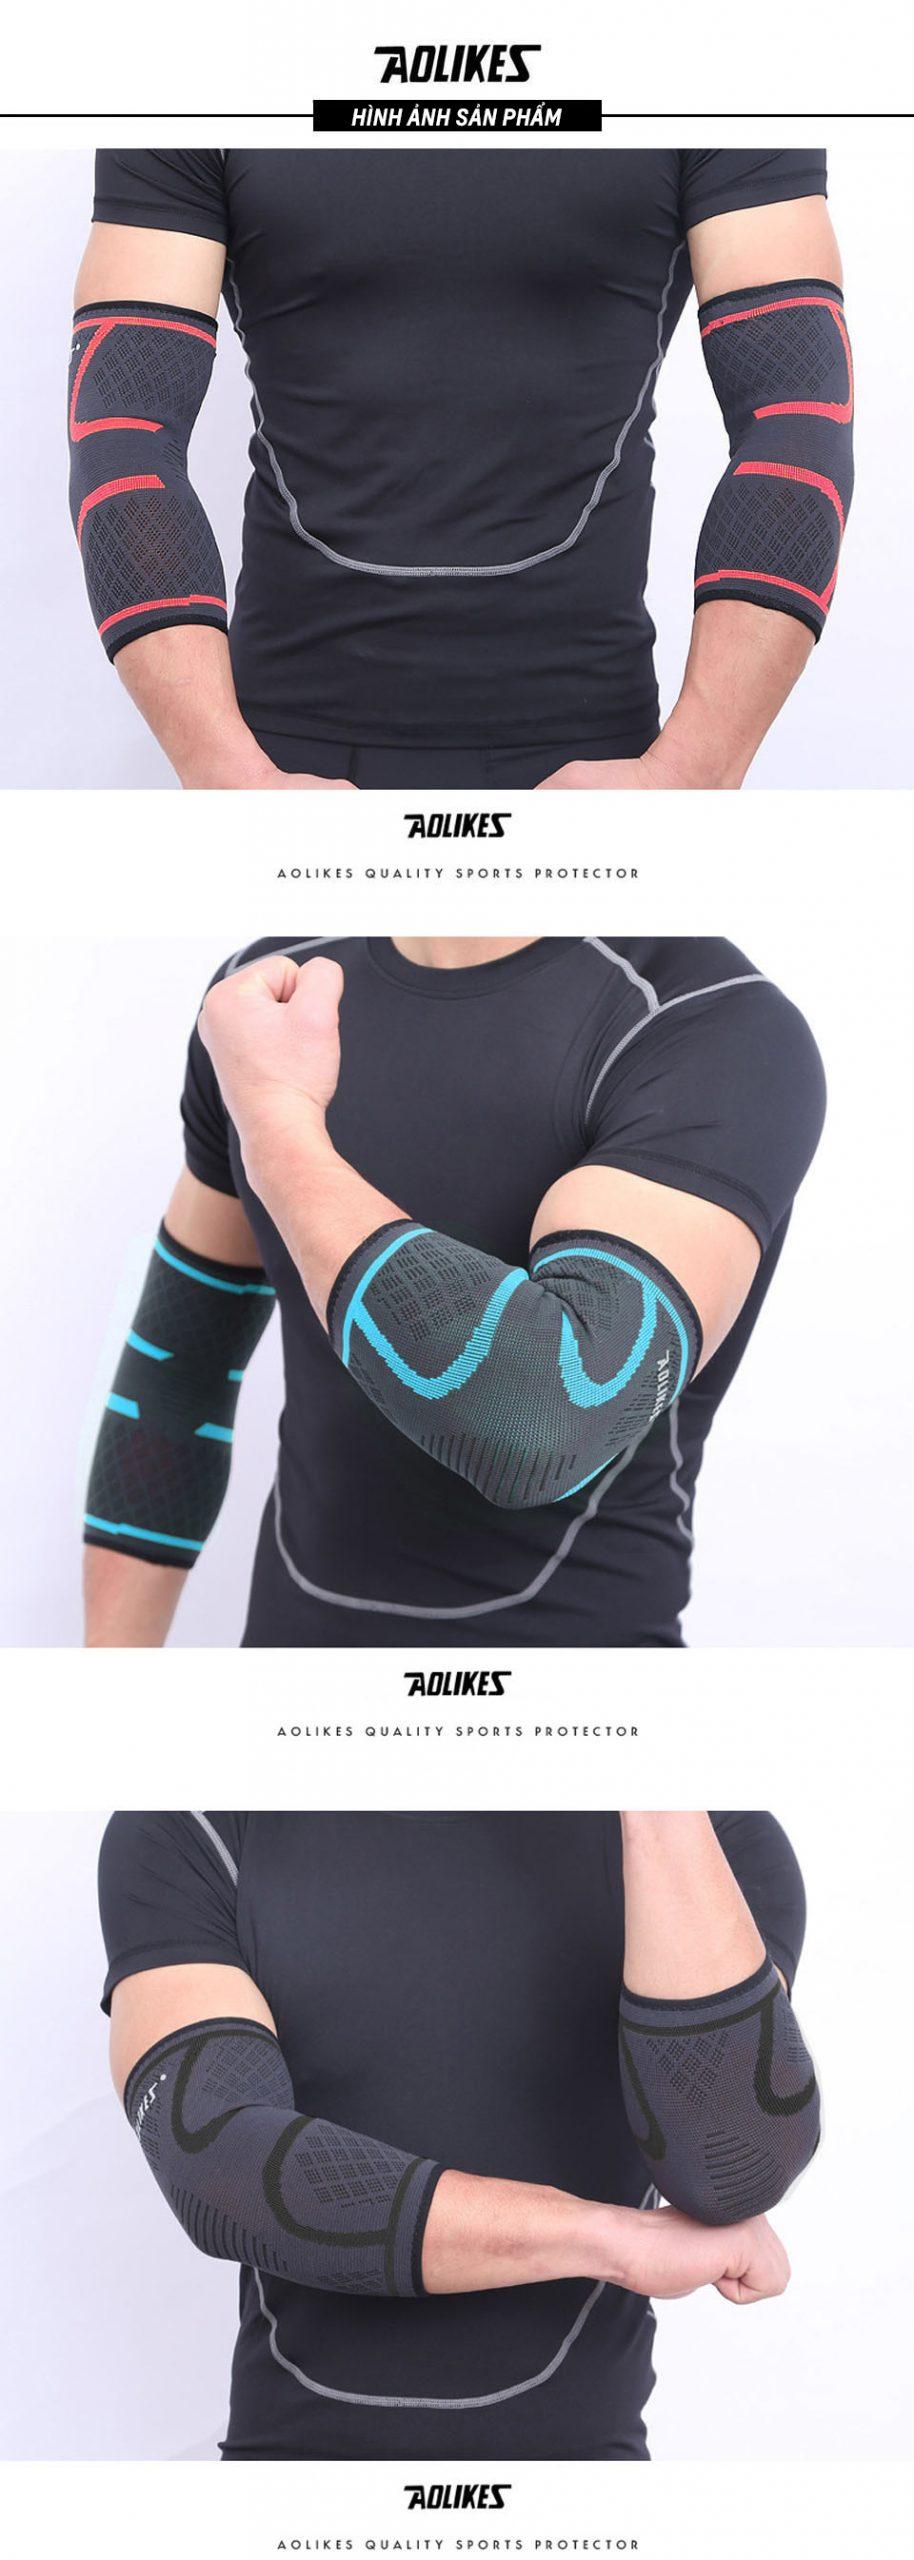 Ảnh người mẫu đeo sản phẩm băng bảo vệ khuỷu tay Aolikes